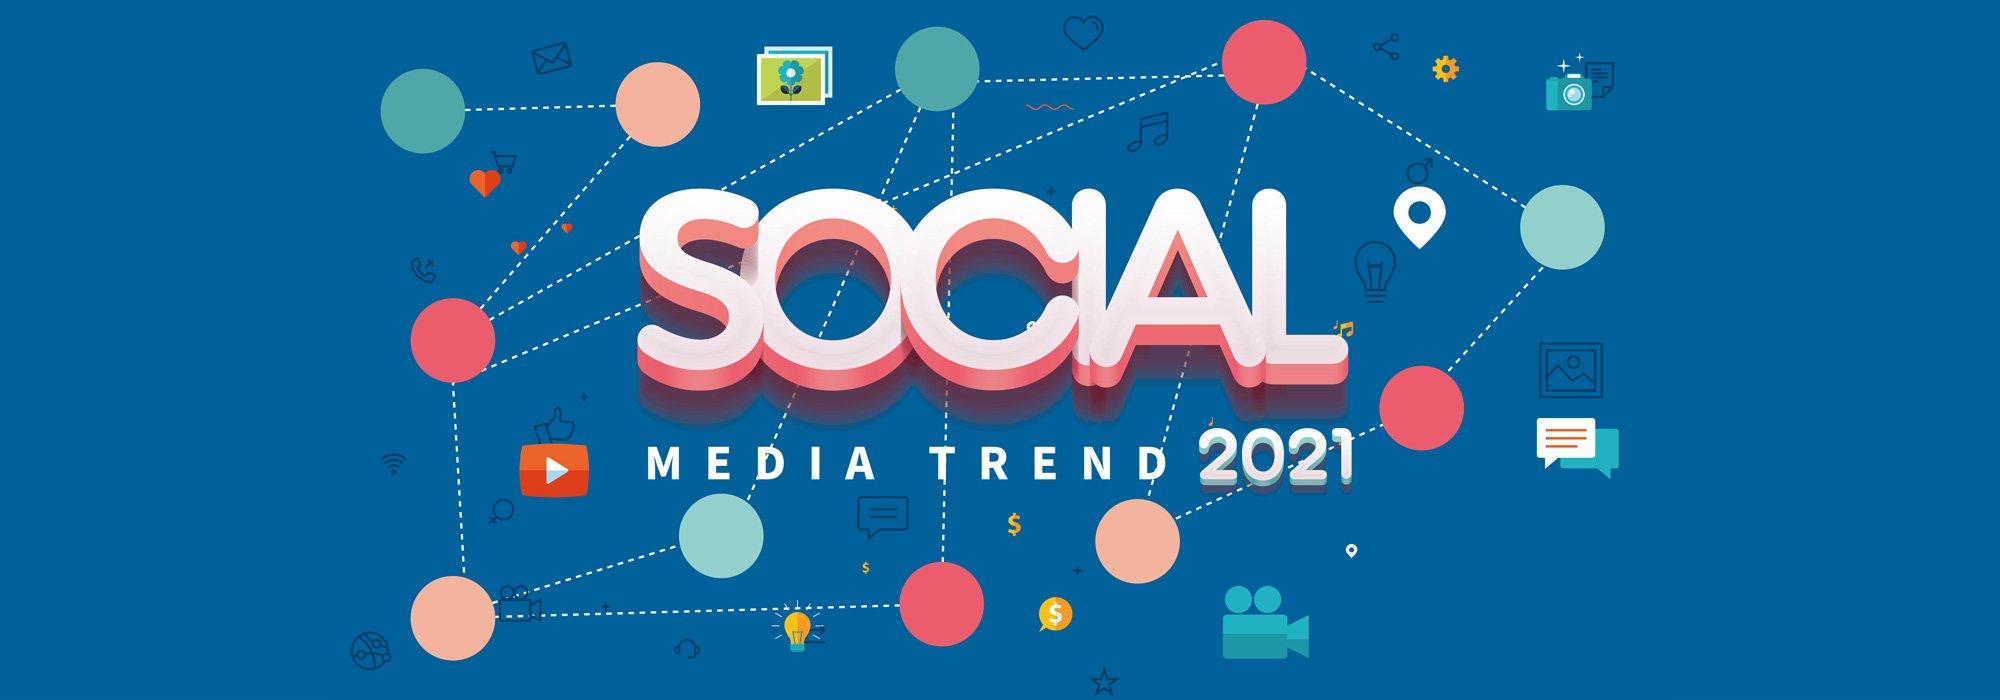 Social Media Trend 2021: 8 tips utili alle strategie di marketing